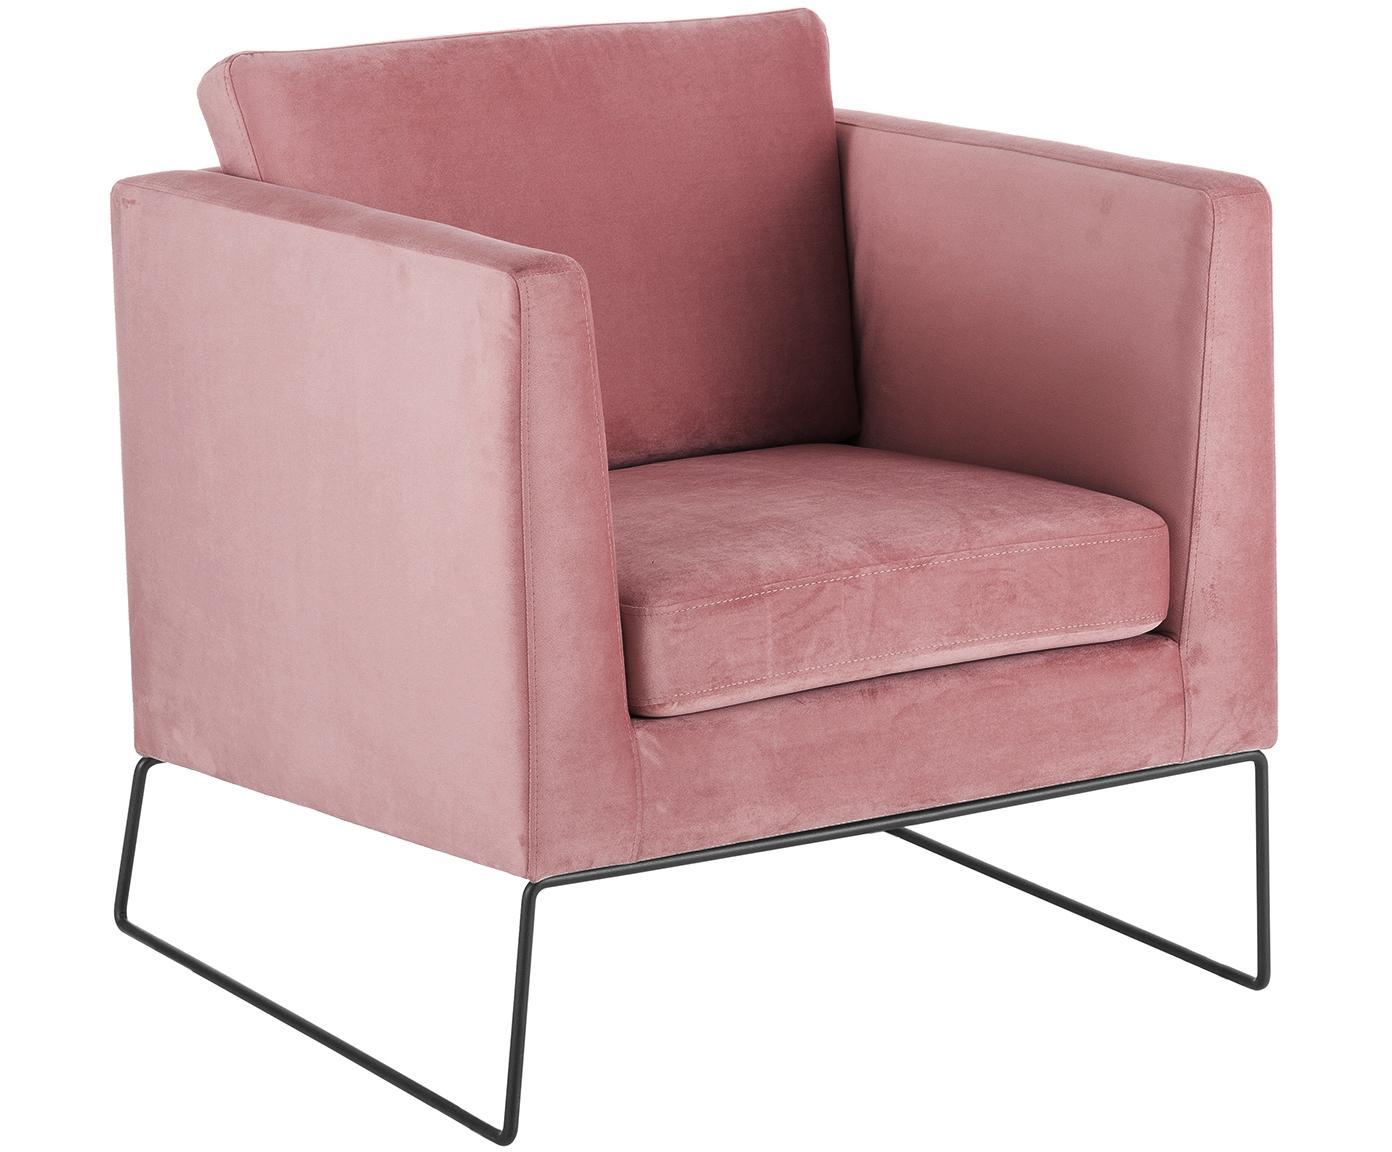 Poltrona classica in velluto rosa Milo, Rivestimento: velluto (rivestimento in , Struttura: legno di pino, Gambe: metallo verniciato, Velluto rosa, Larg. 77 x Alt. 75 cm